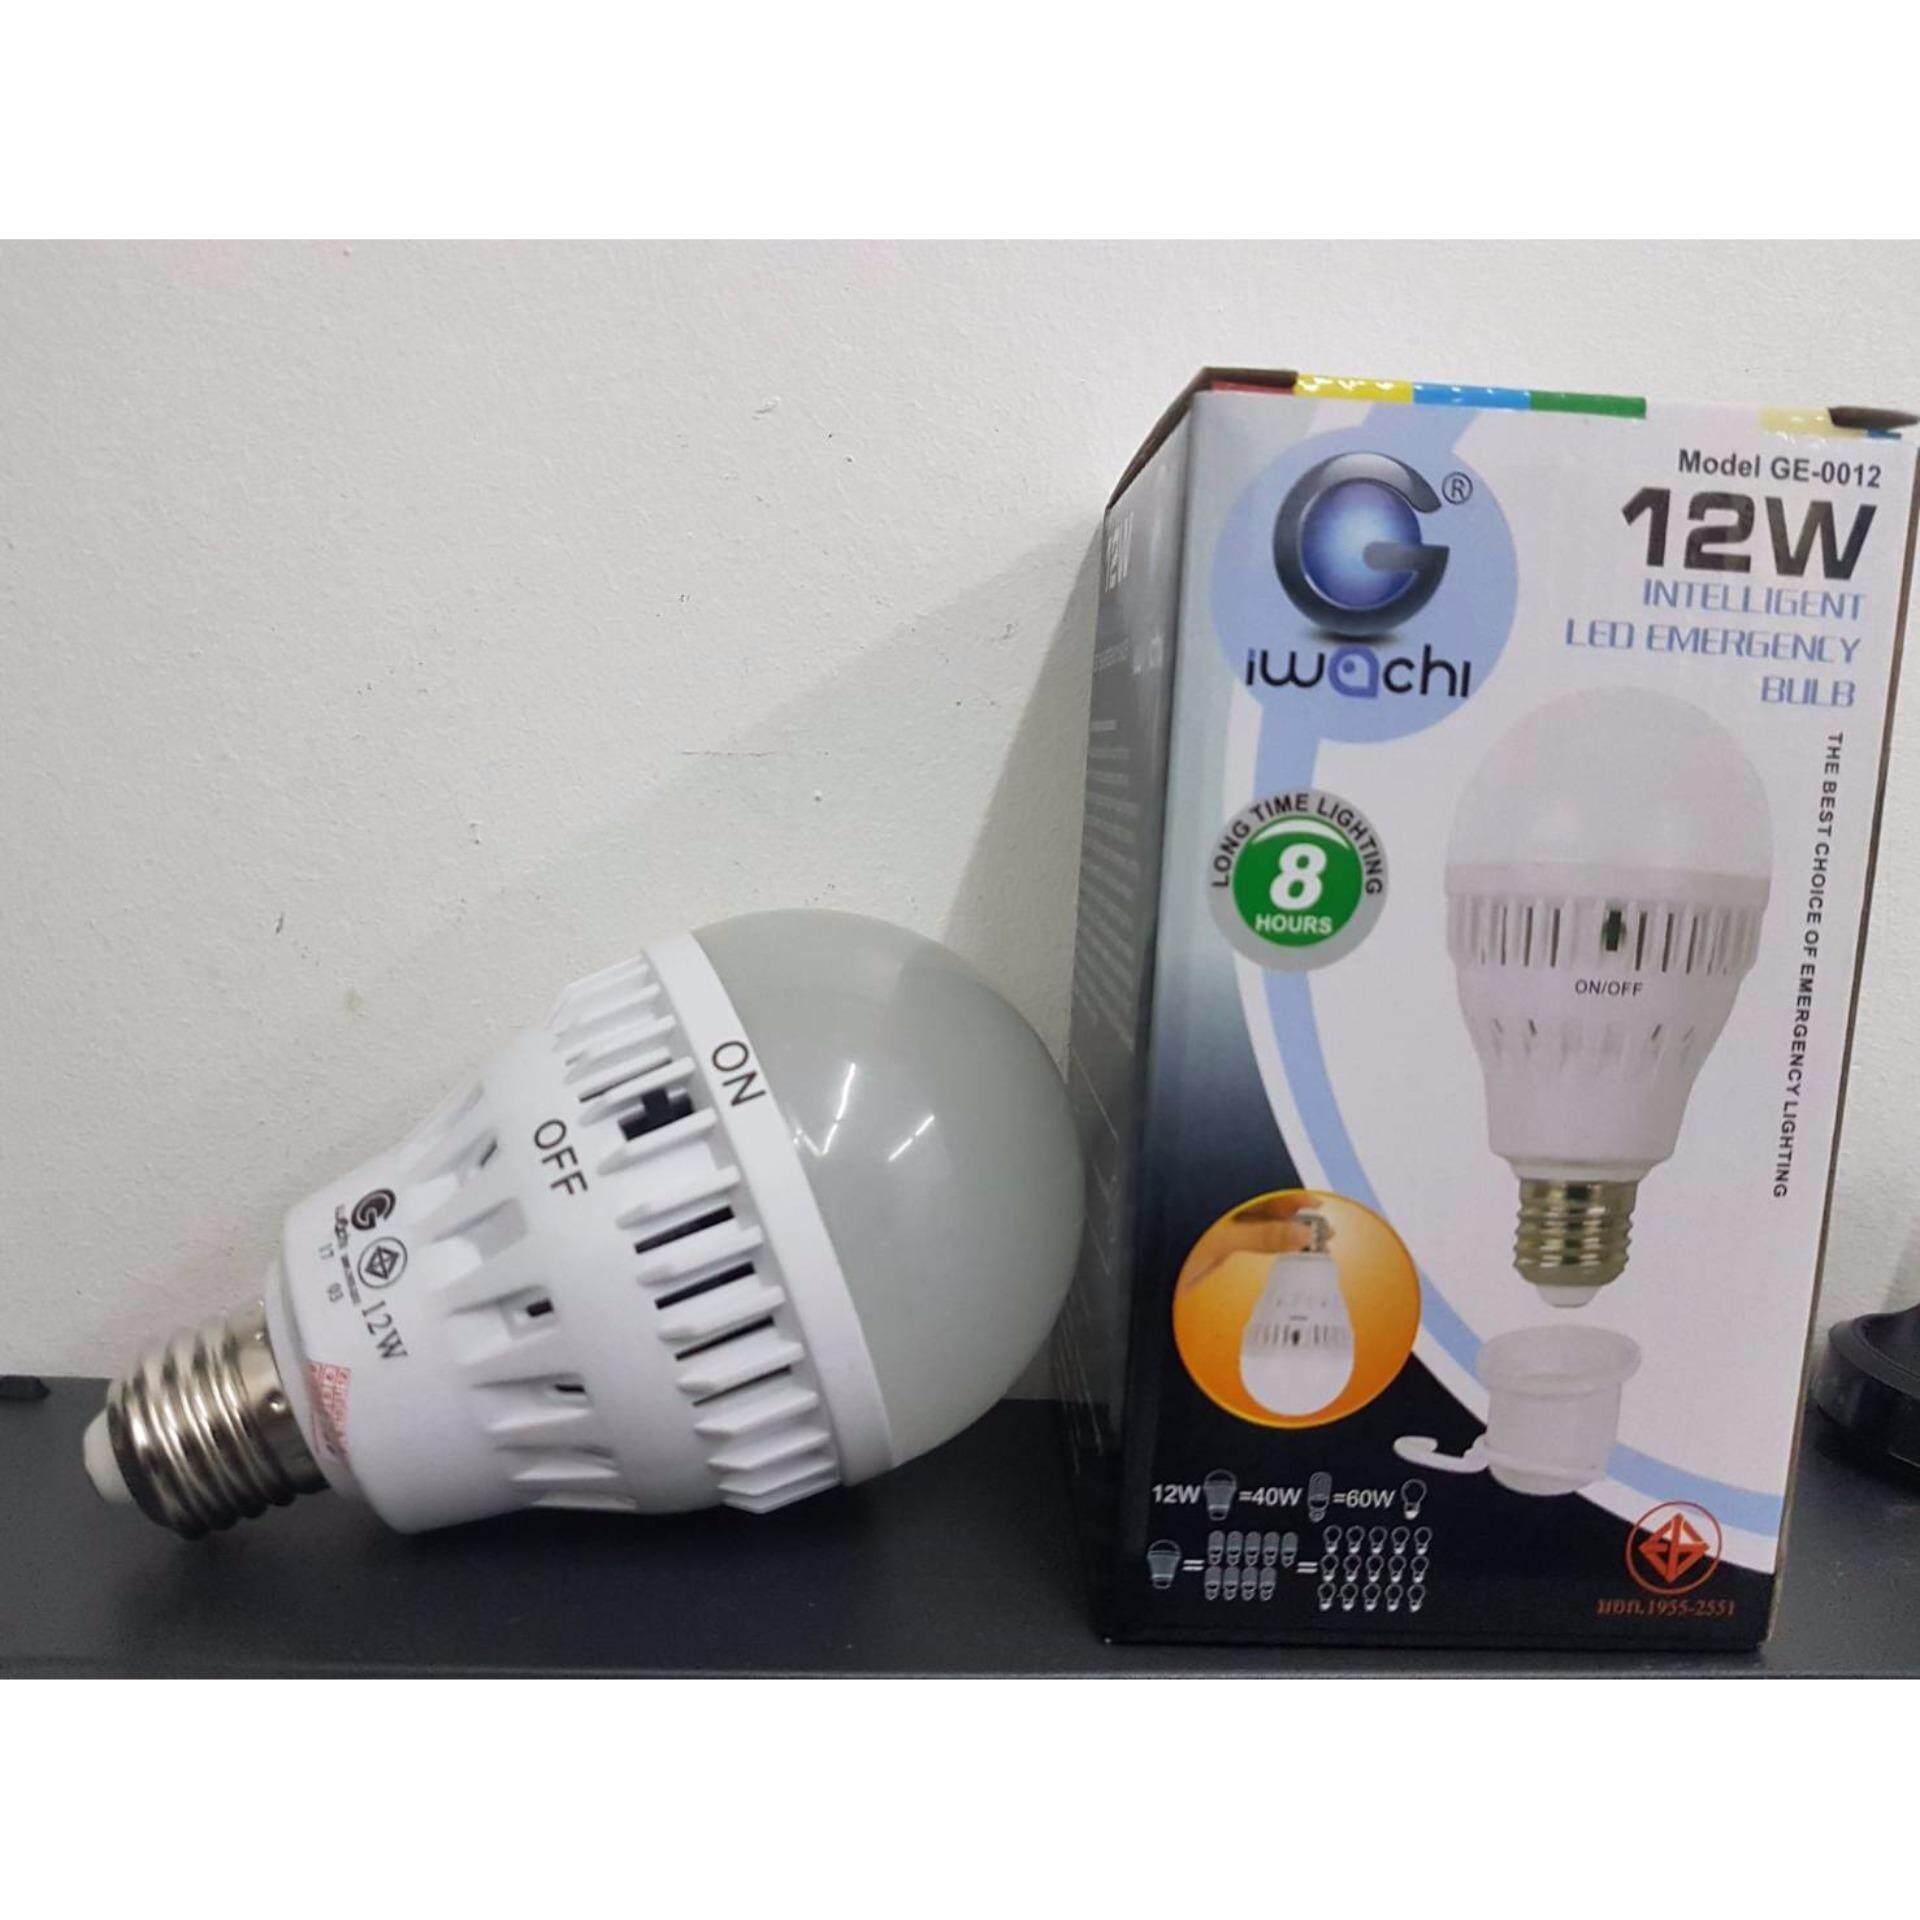 ขาย หลอดไฟอัจฉริยะ อัตโนมัติ เมื่อไฟดับ แสงเดยไลท์ Iwachi Emergency Led 12W 2 หลอด ราคาถูกที่สุด